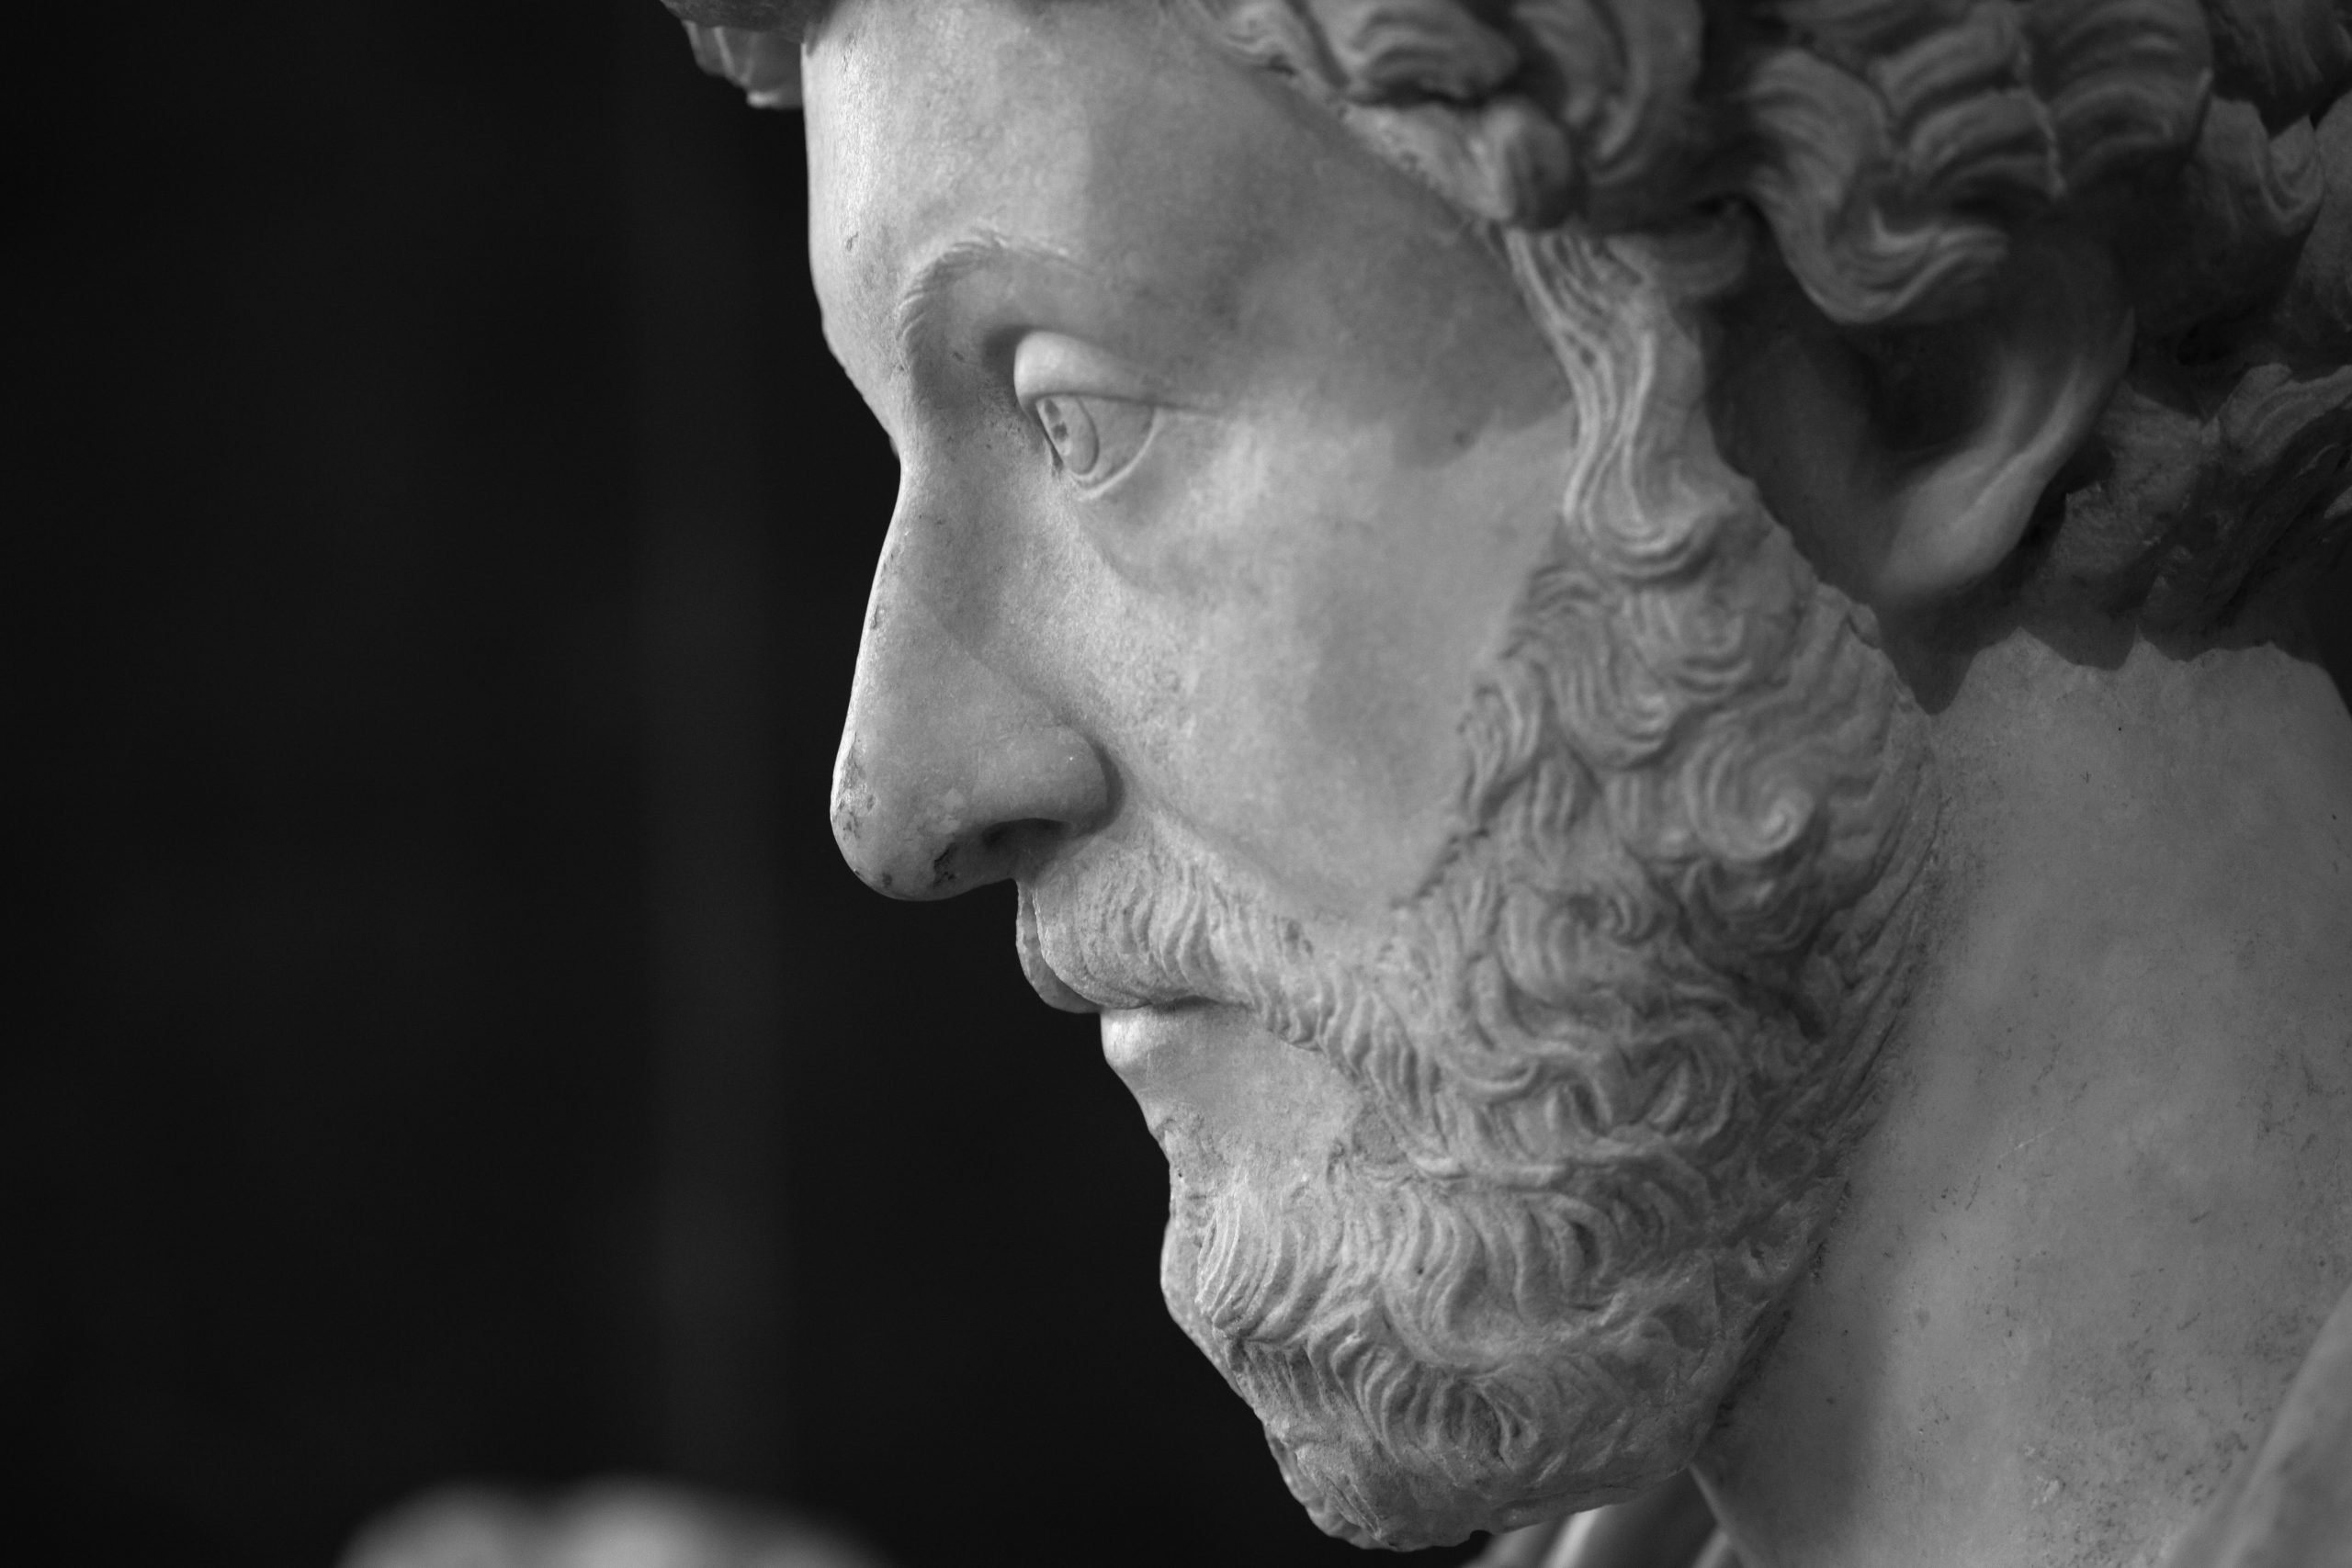 Marcus_Aurelius_(32393792365)